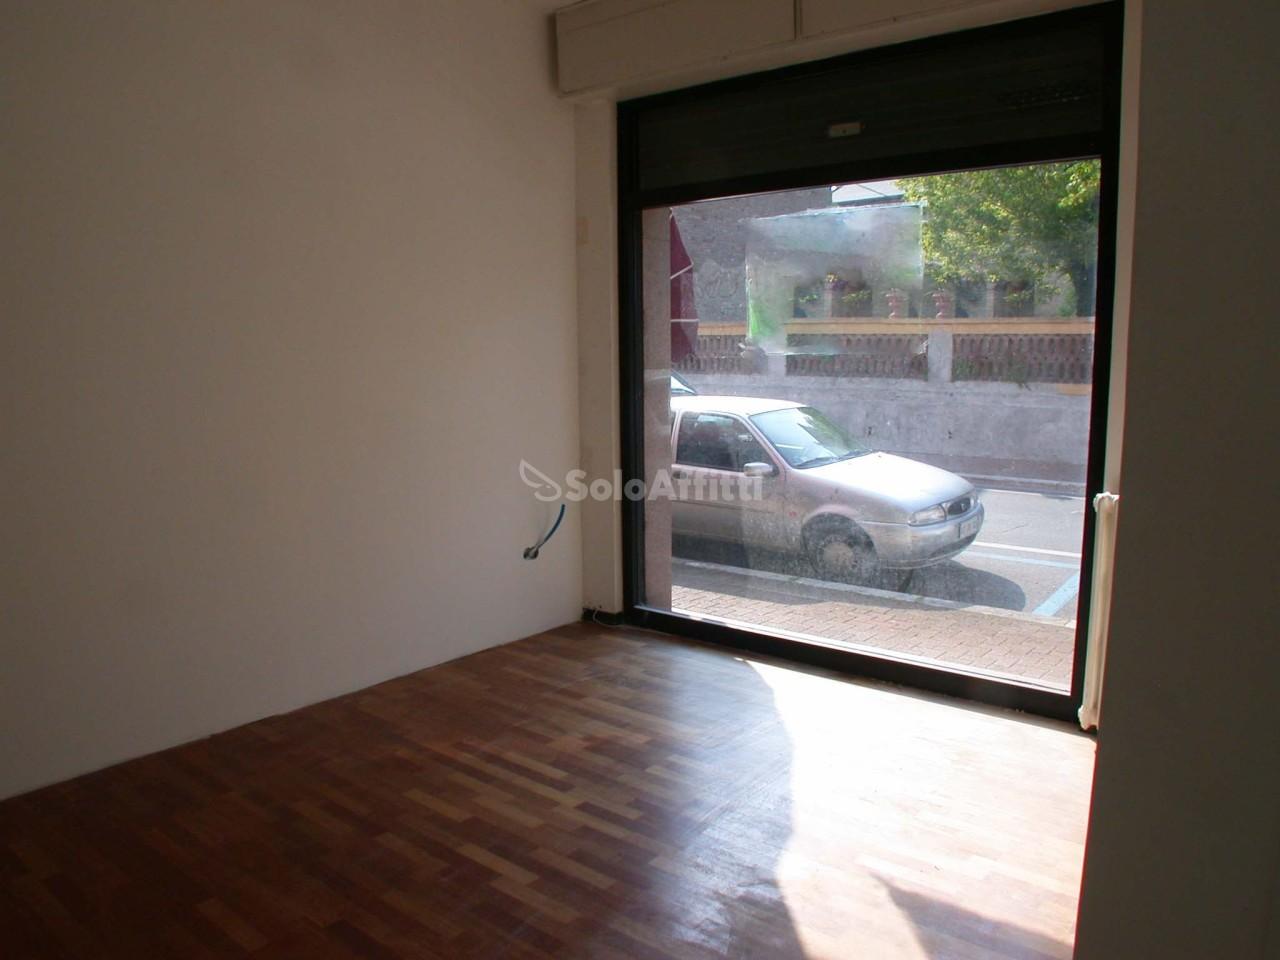 Fondo/negozio - 2 vetrine/luci a Centro, Pesaro Rif. 4134888